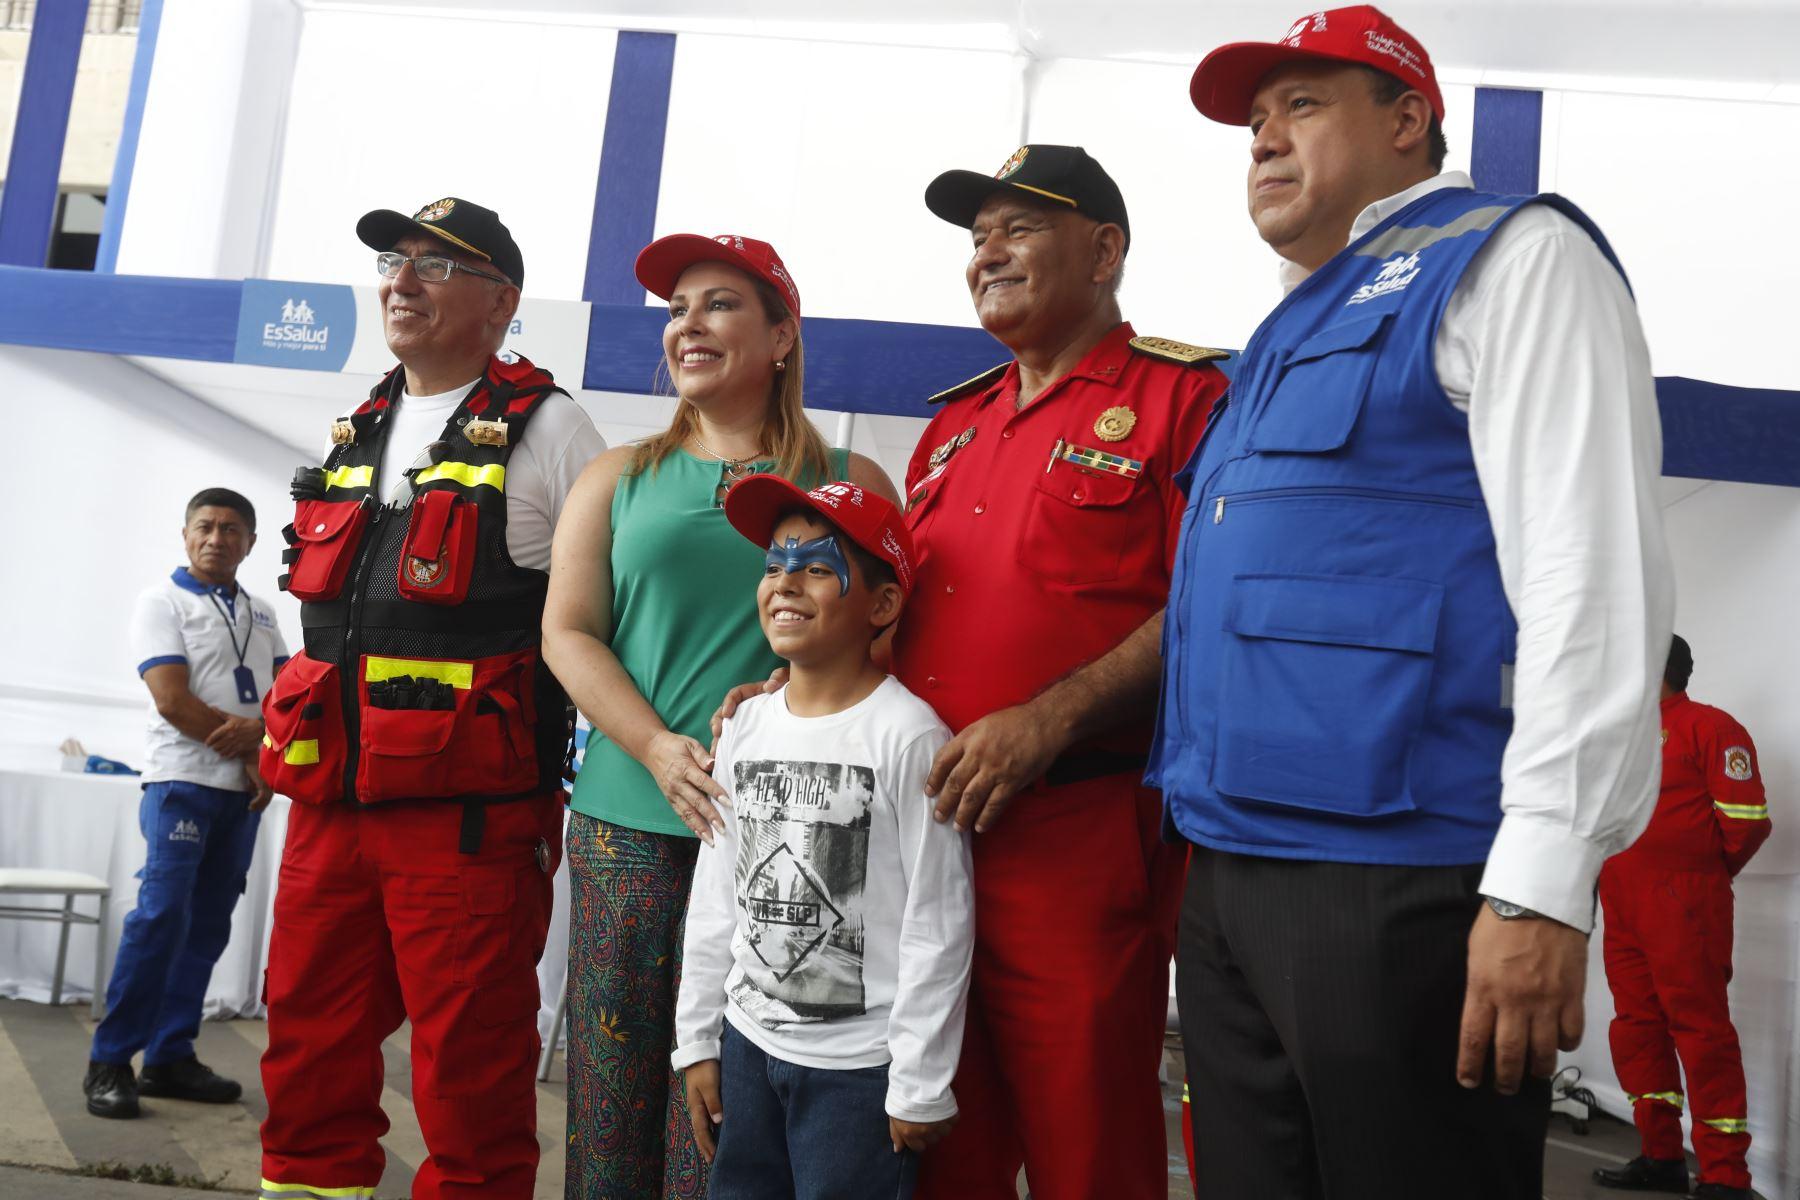 La presidenta de EsSalud, Fiorella Molinelli, firmó un convenio con la Cuerpo General de Bomberos Voluntarios del Perú, con la finalidad de brindar servicios de salud gratuito a sus más de 18 mil miembros a nivel nacional y sus familiares.Foto: ANDINA/ Renato Pajuelo